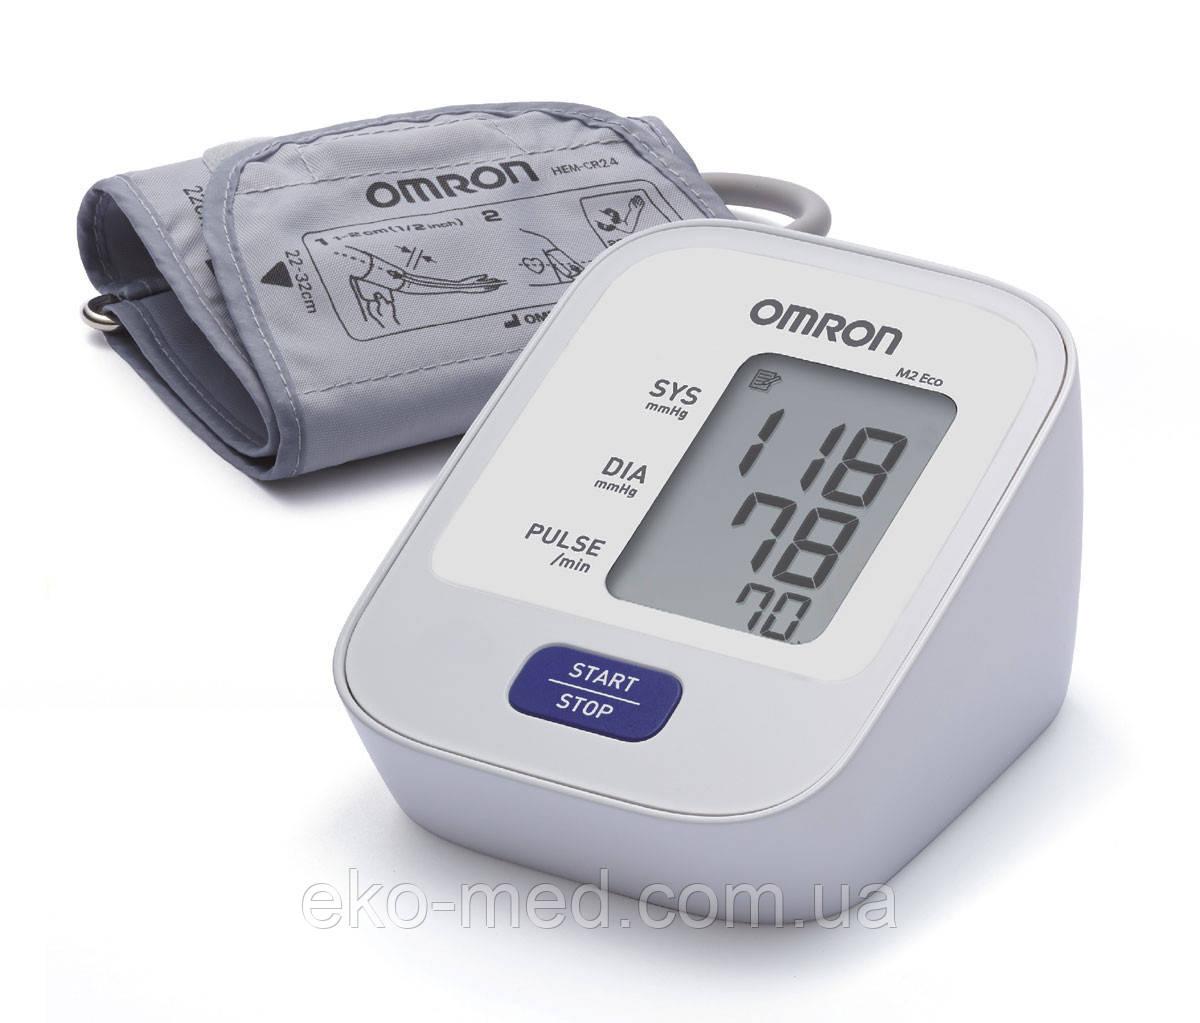 Тонометр автоматичний OMRON M2 ECO з манжетою 22-32 см